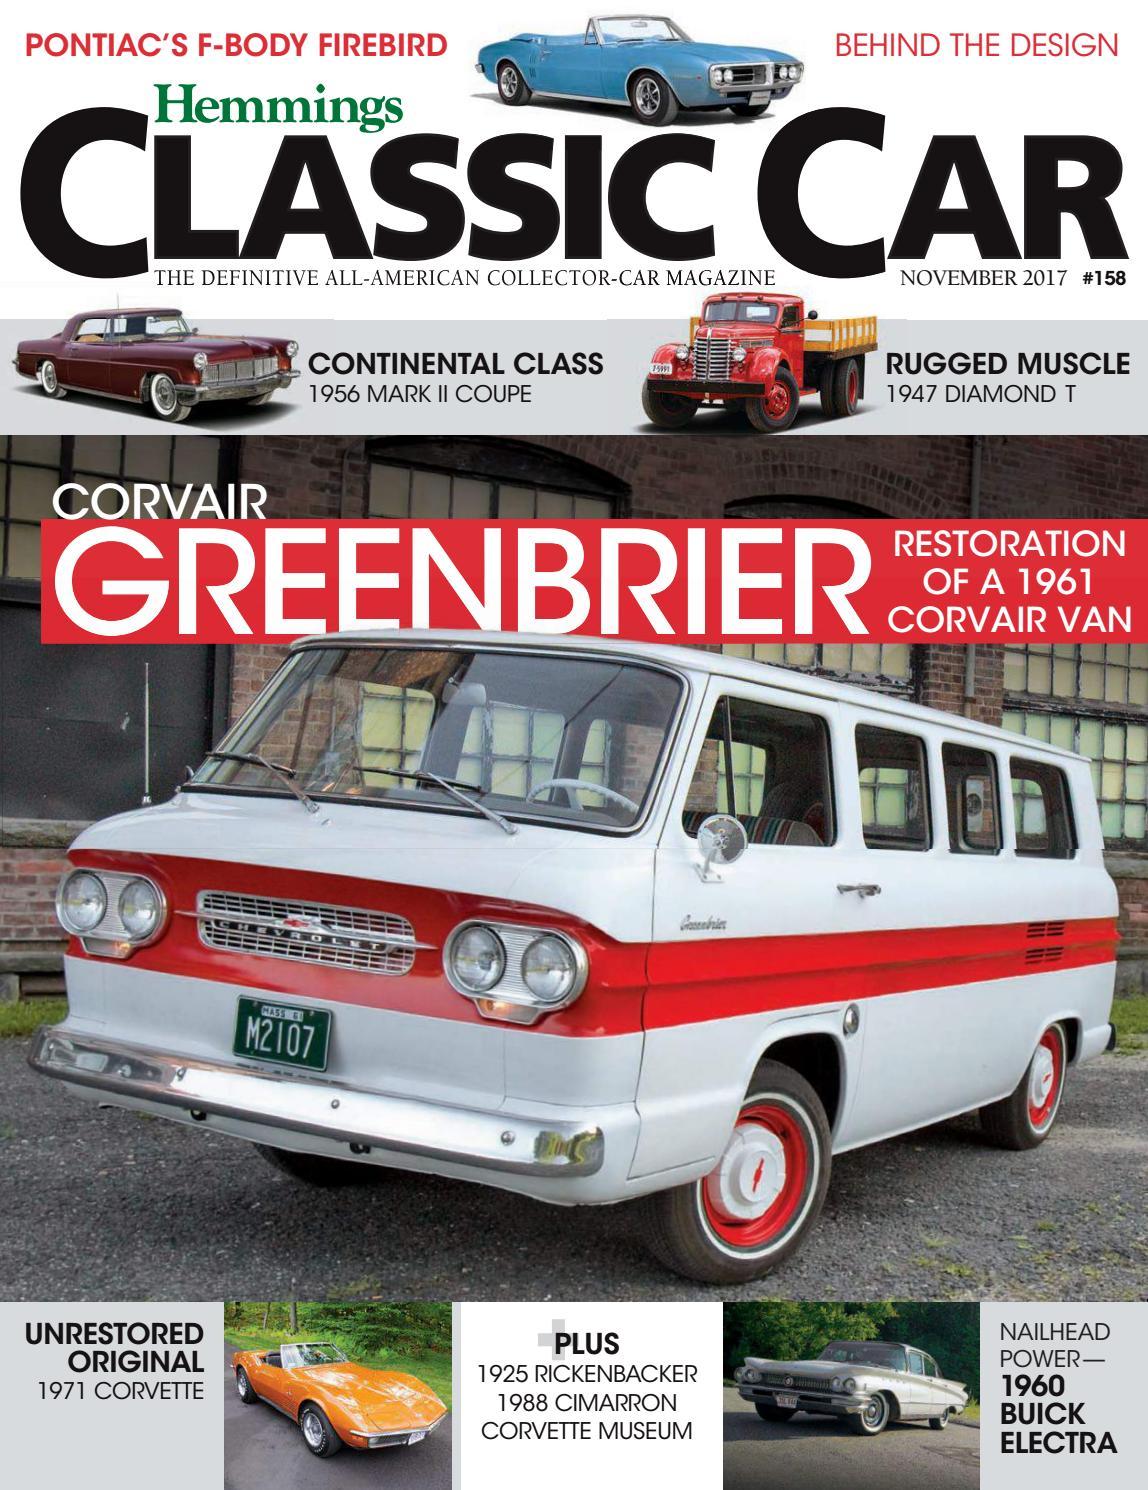 1967 Pontiac Bonneville Catalina GTO Le Mans Sprint 54 Page FL Sales  Brochure